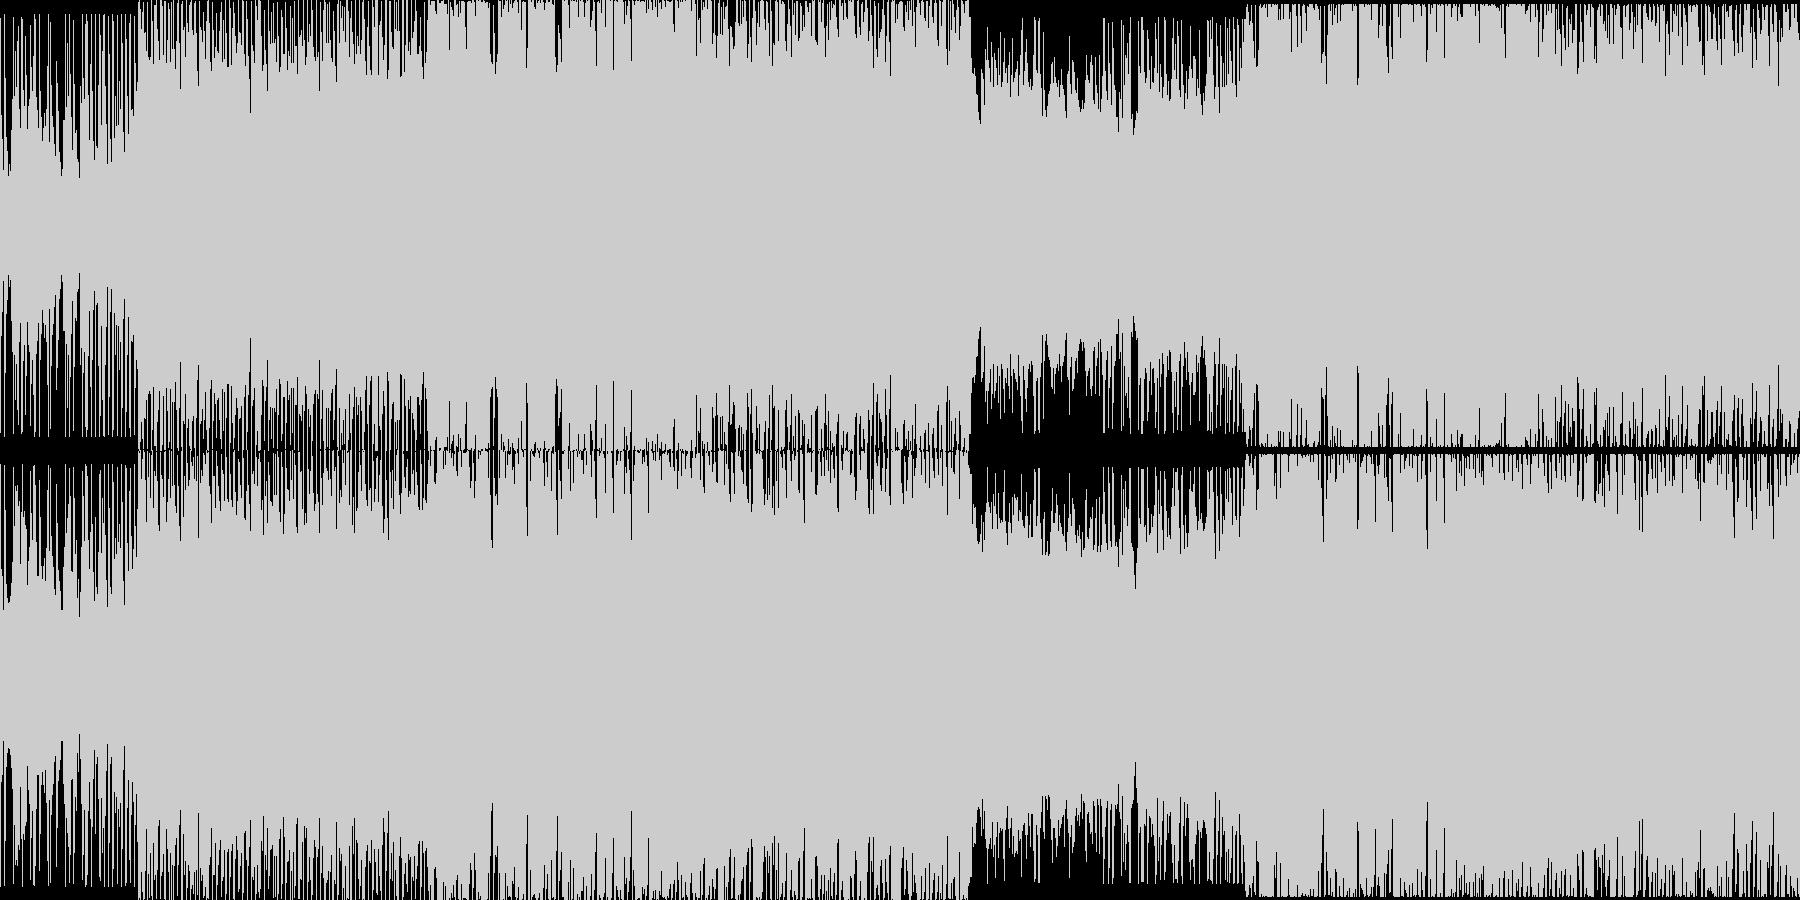 爽やかで楽しげなアコギインストループの未再生の波形